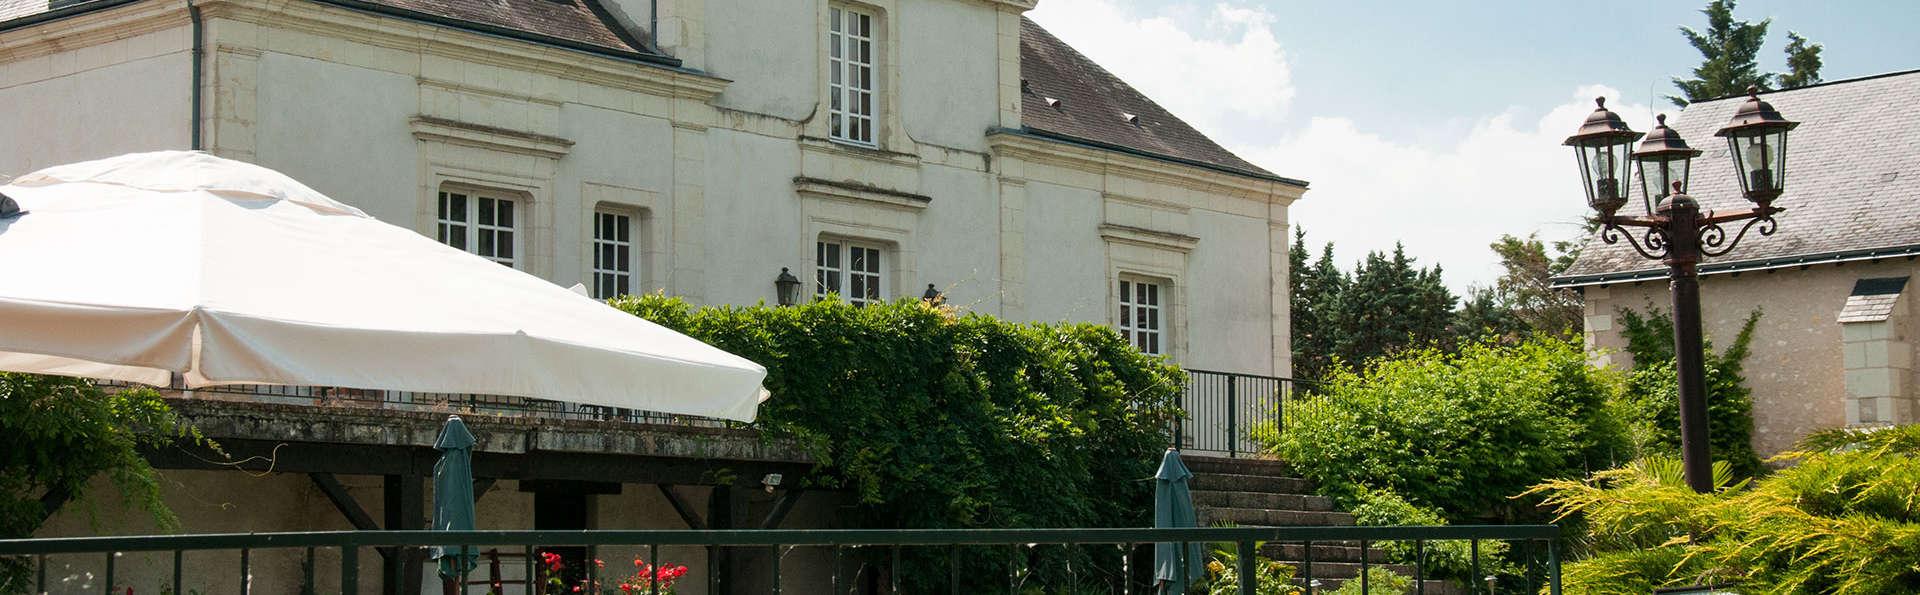 Domaine de la Courbe, The Originals Relais (Relais du Silence) - edit_front.jpg